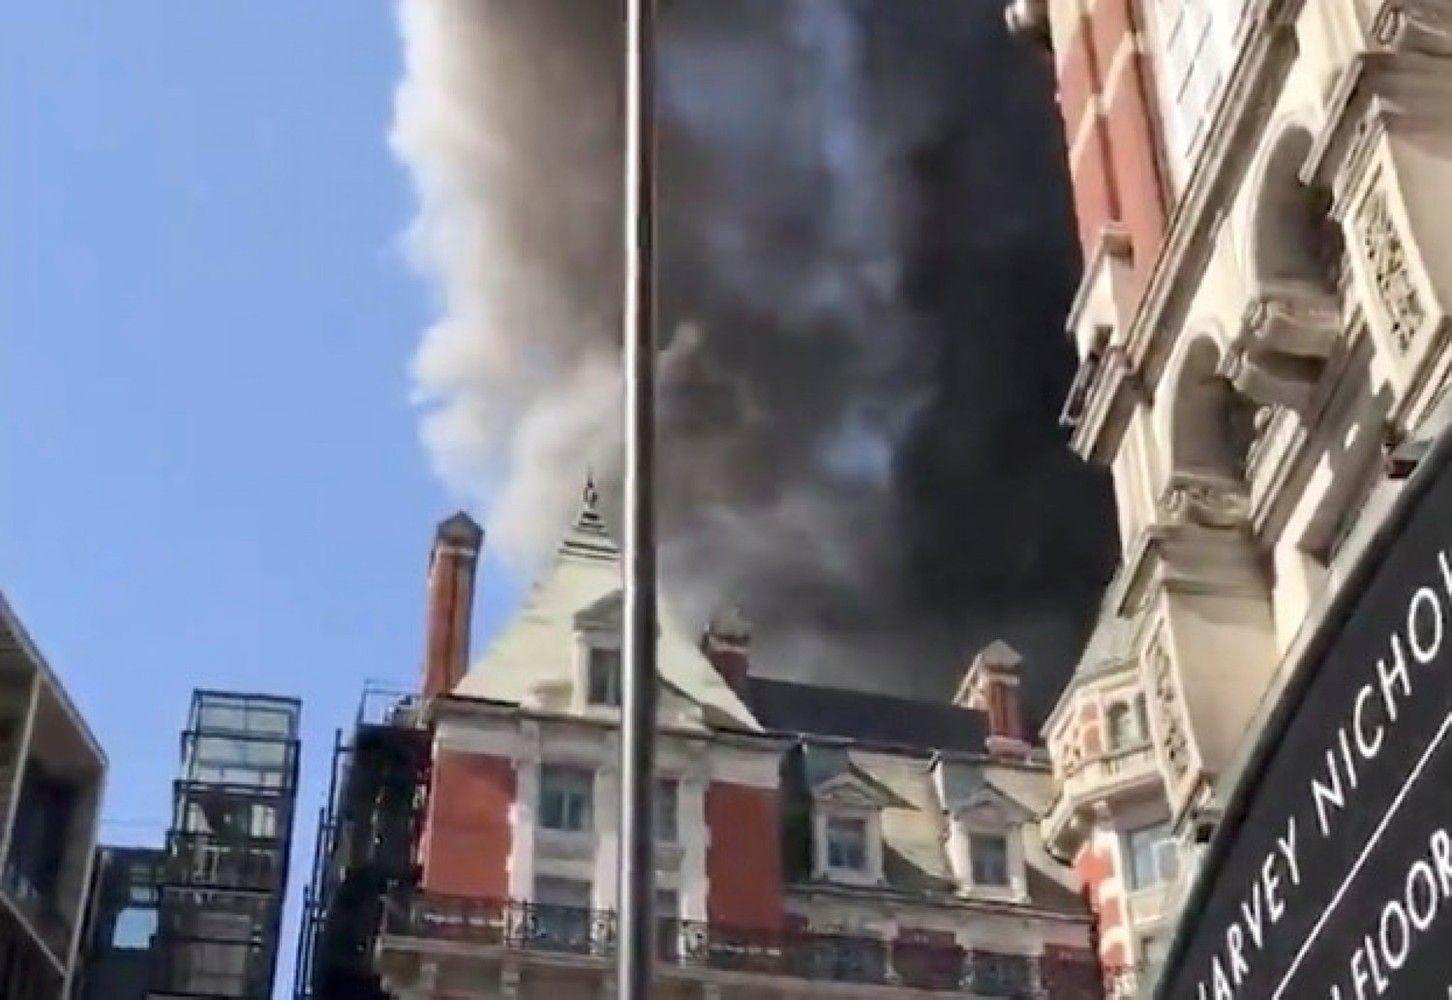 Prabangiame Londono viešbutyje kilo didelis gaisras